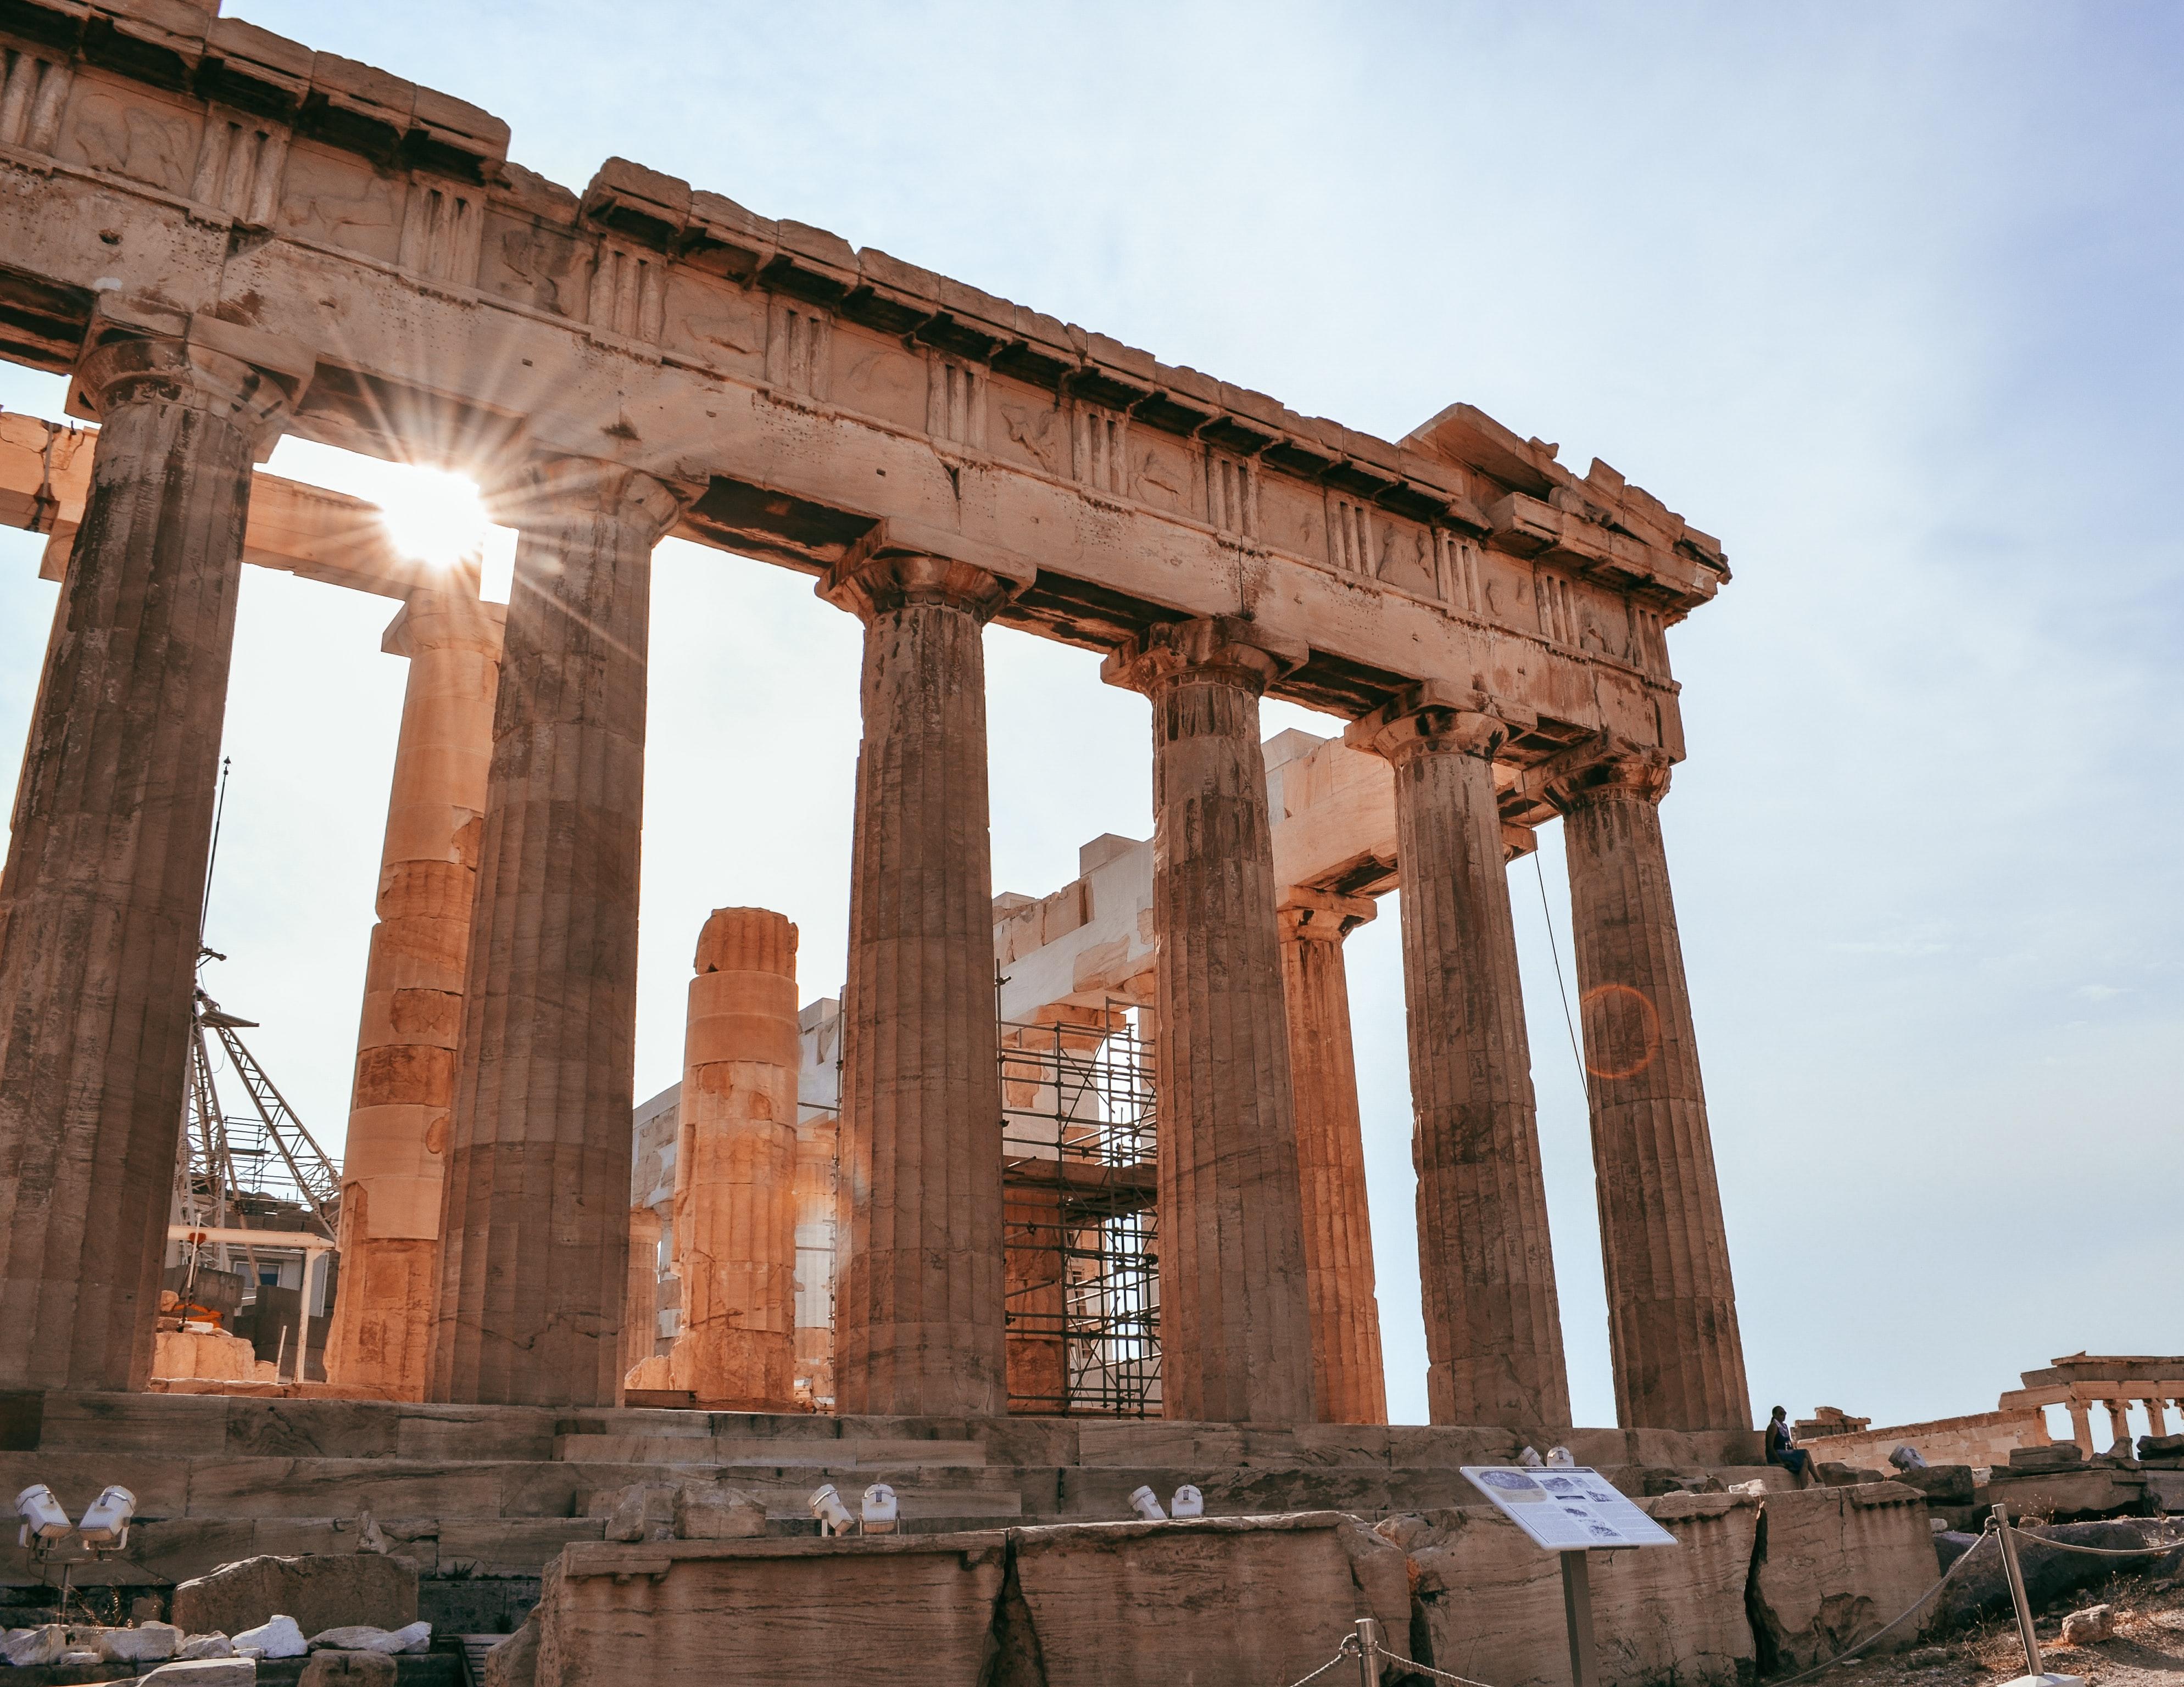 Filosofia grekoa: eskolak